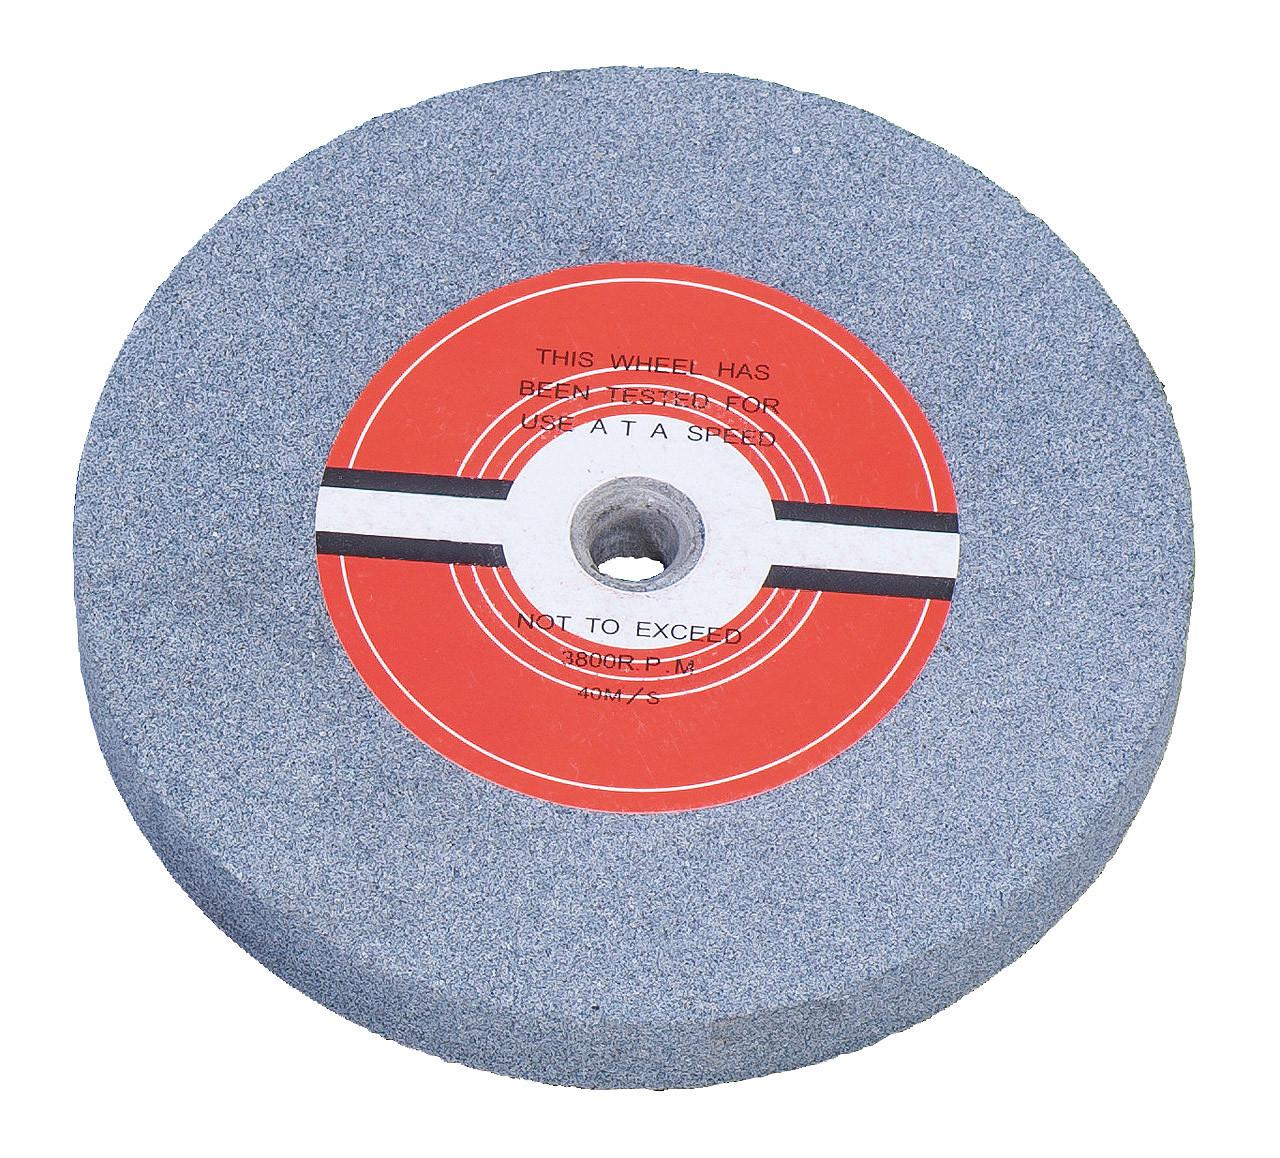 Шлифовальный круг 200 x 25,4 x 15,88 мм - K60